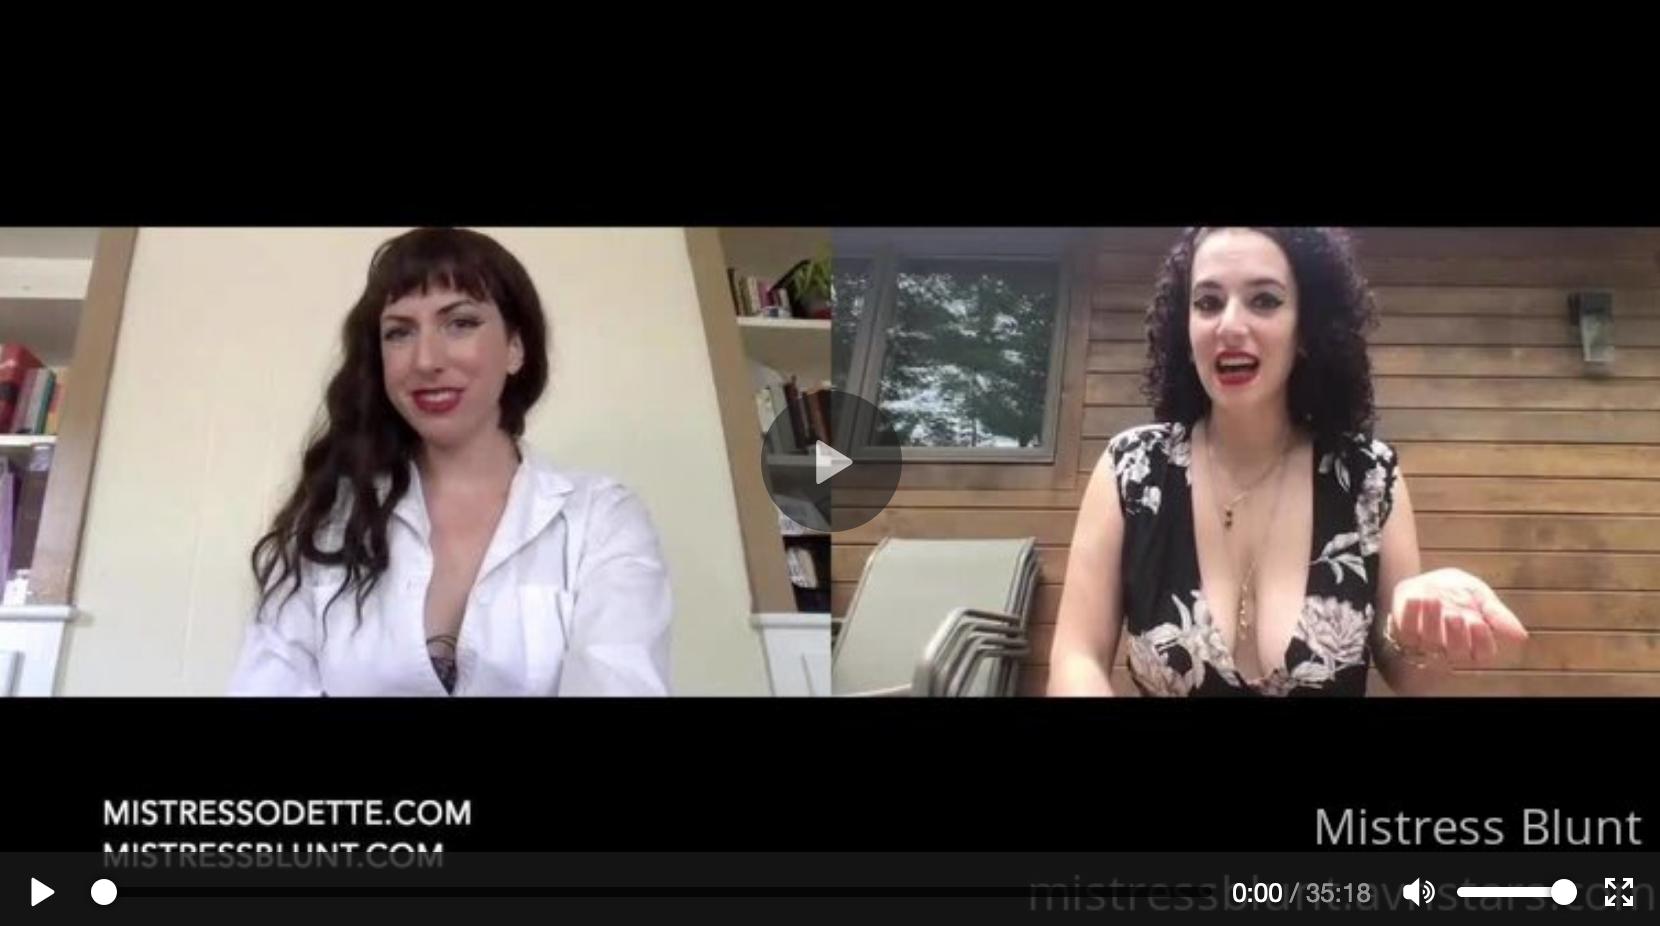 Mistress Blunt interviews Mistress Odette about Medical Fetishes